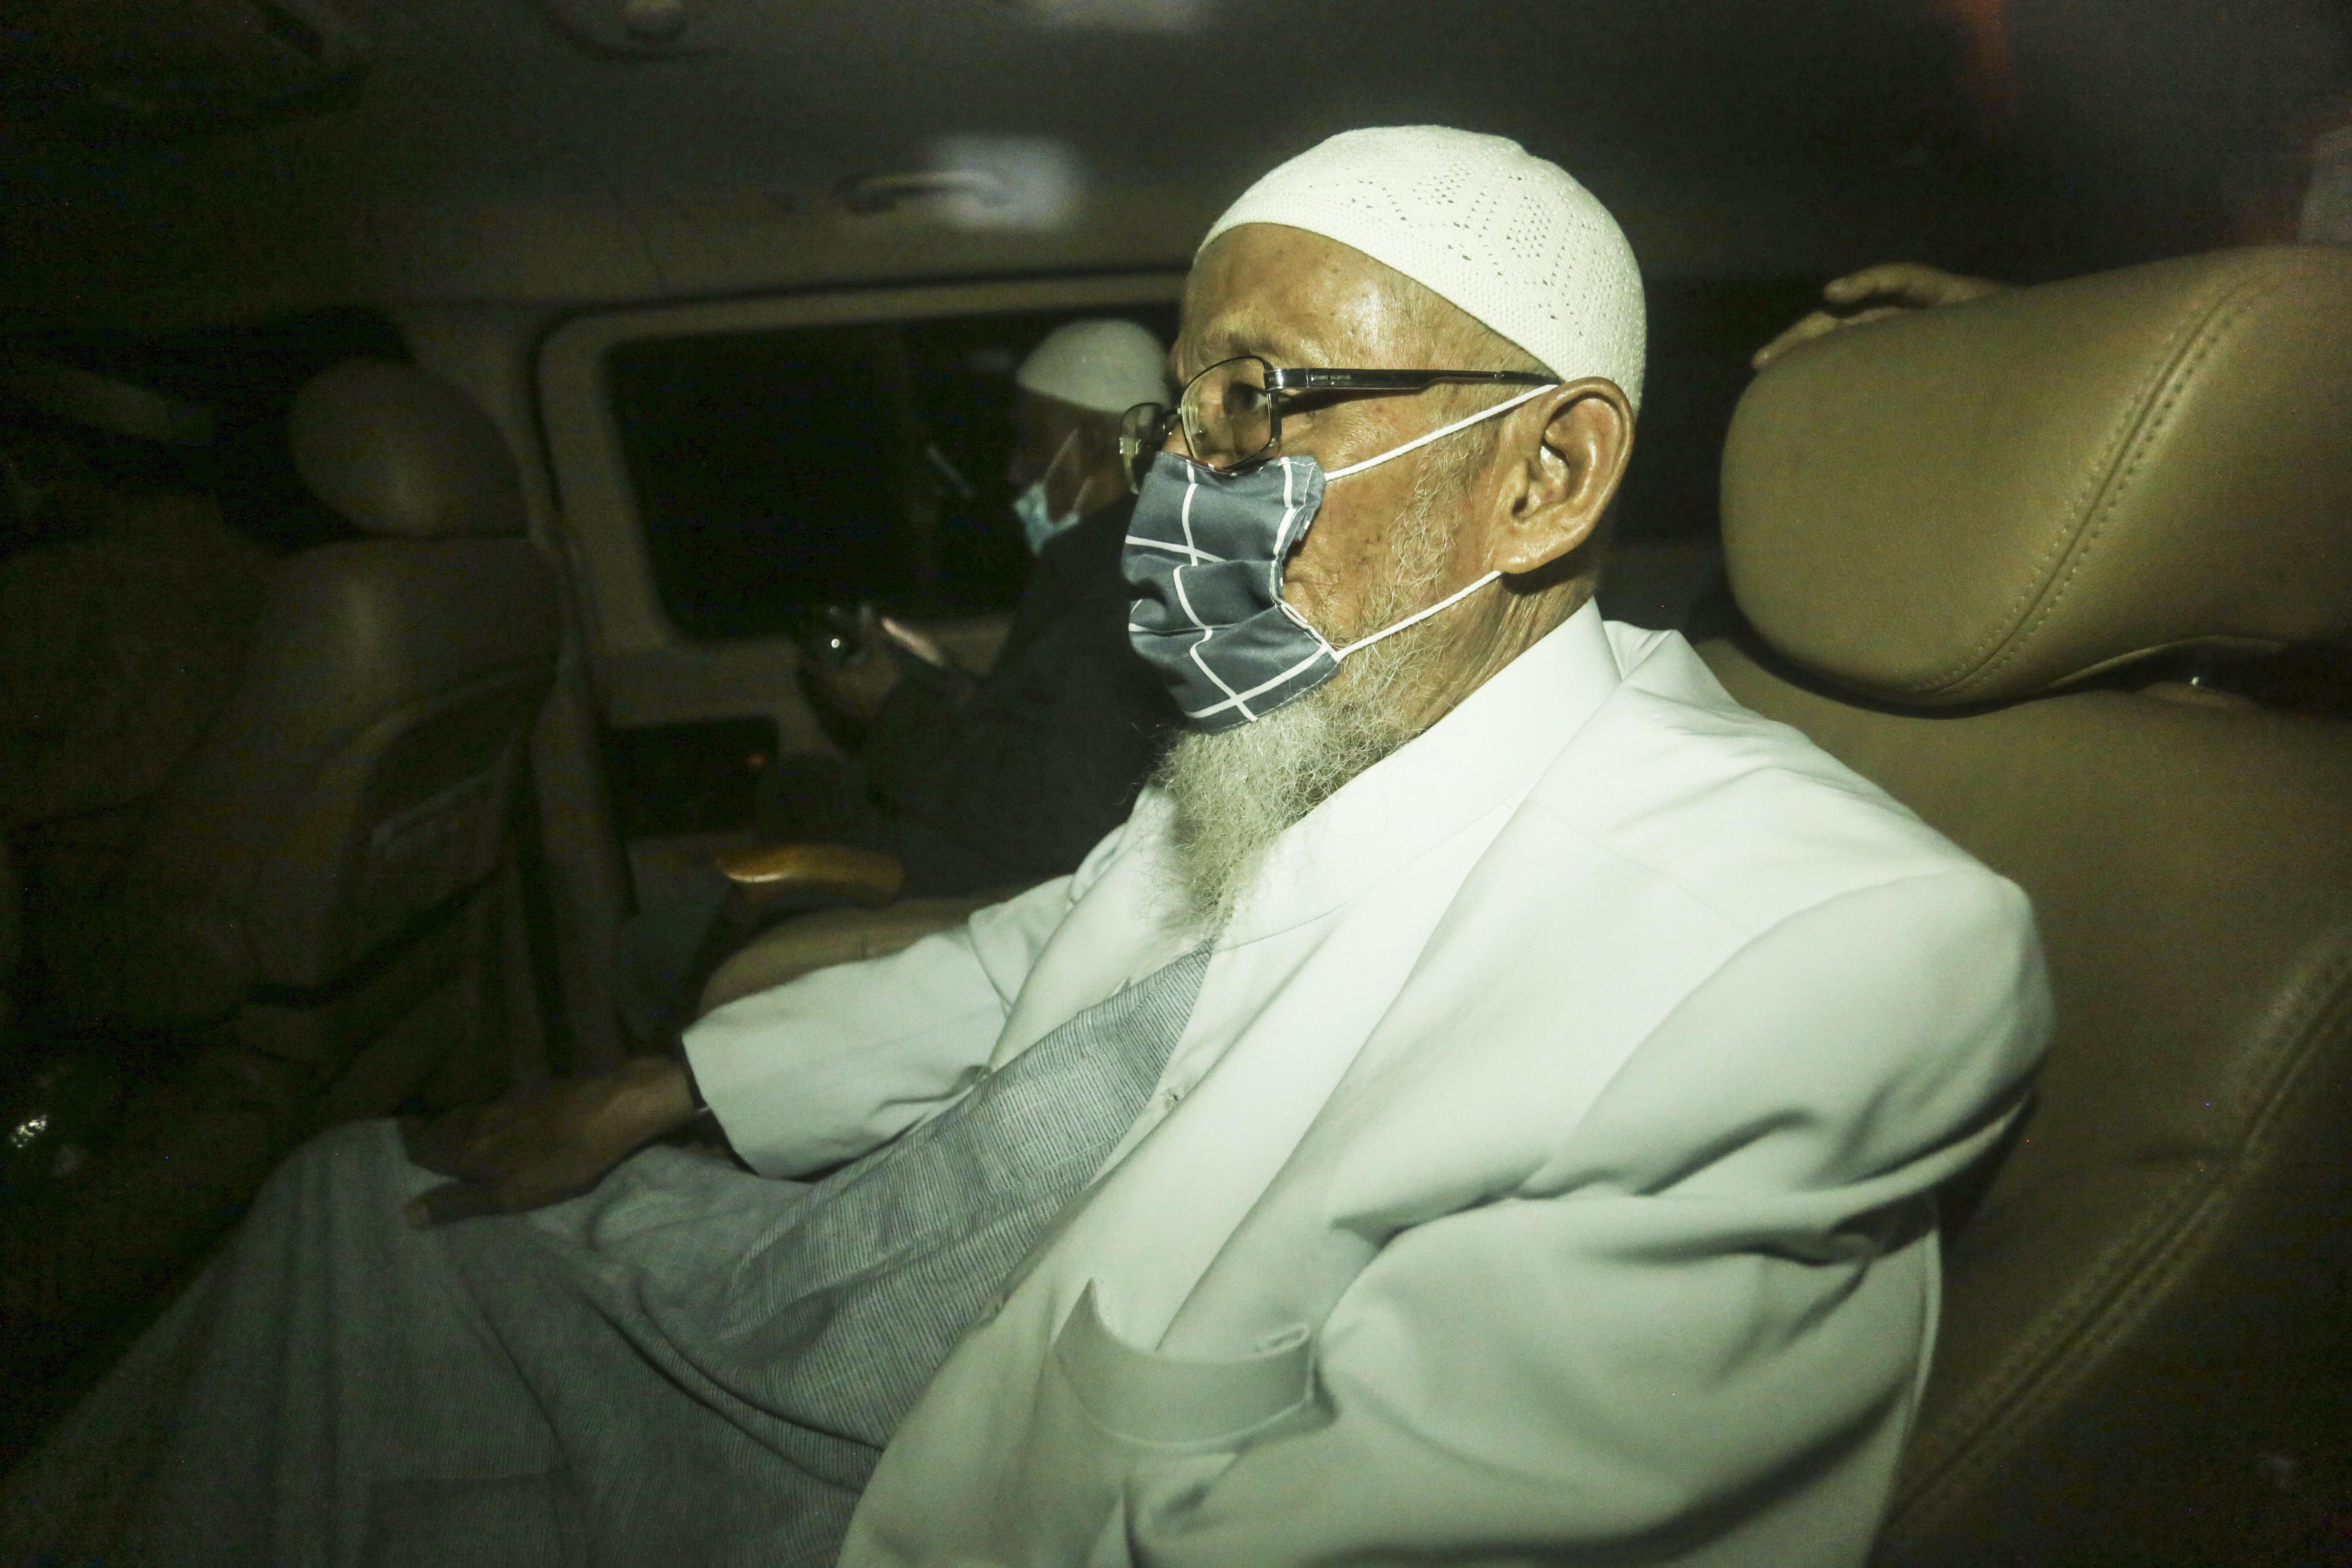 ابوبکر بشیر ، پس از آزادی از زندان